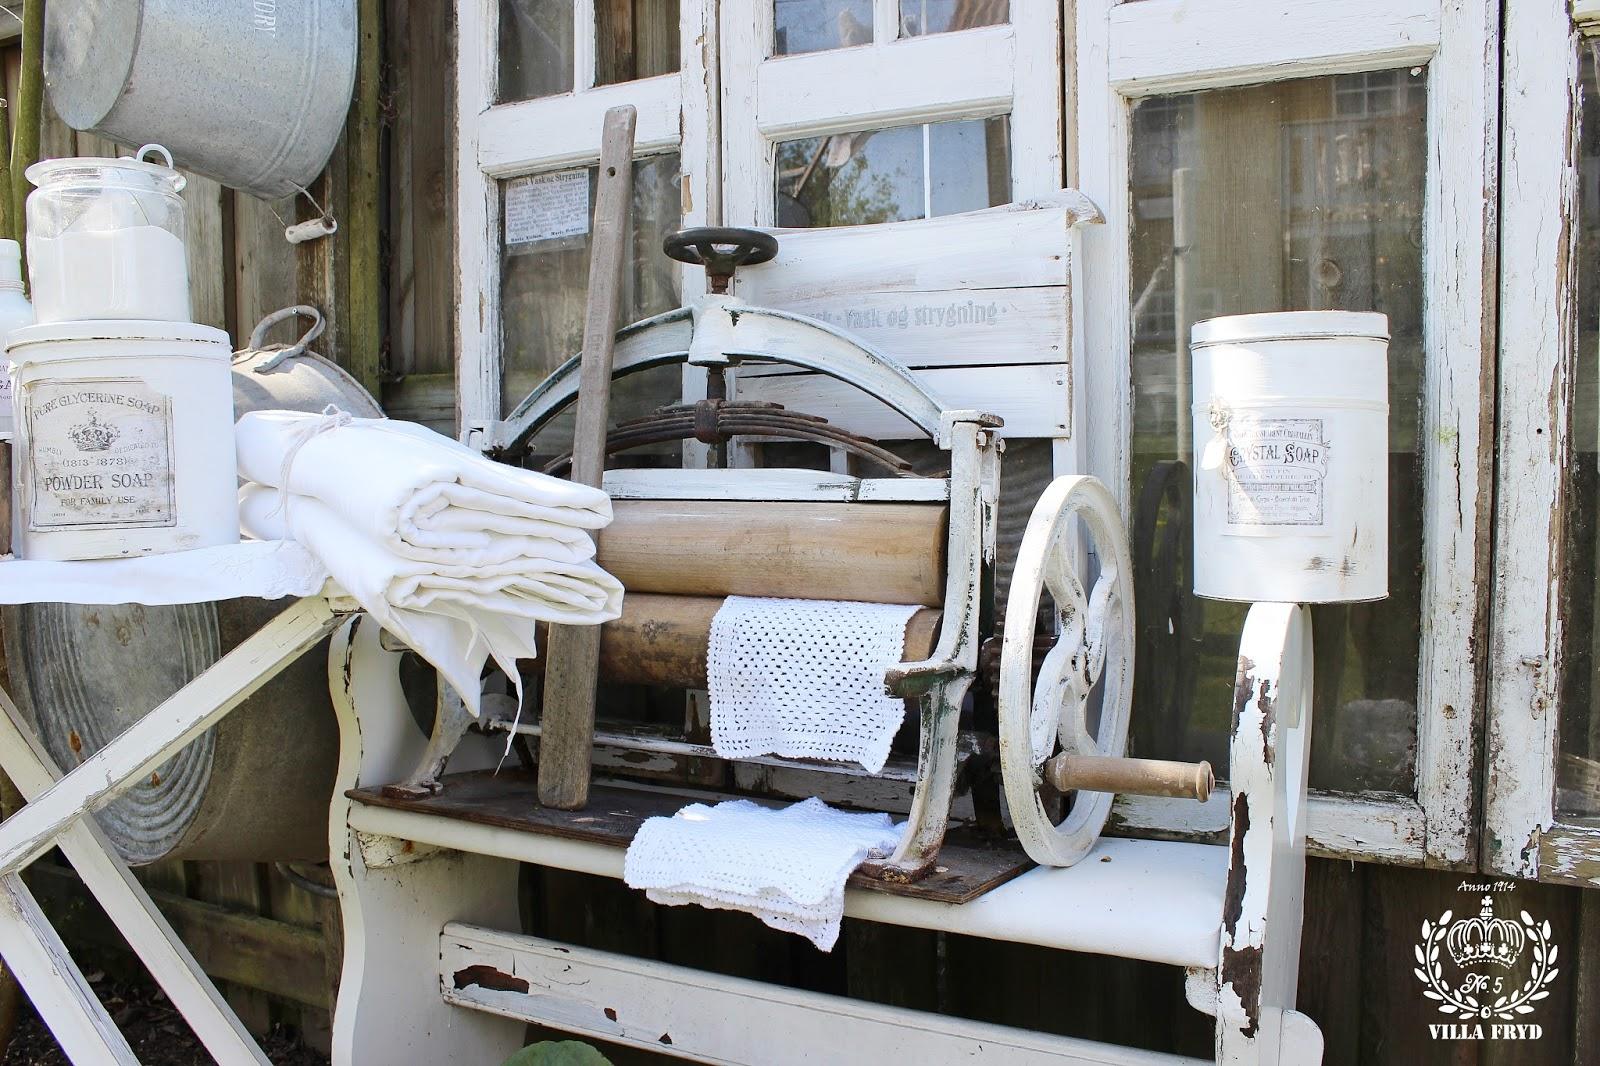 Hos villa fryd: vaskedag